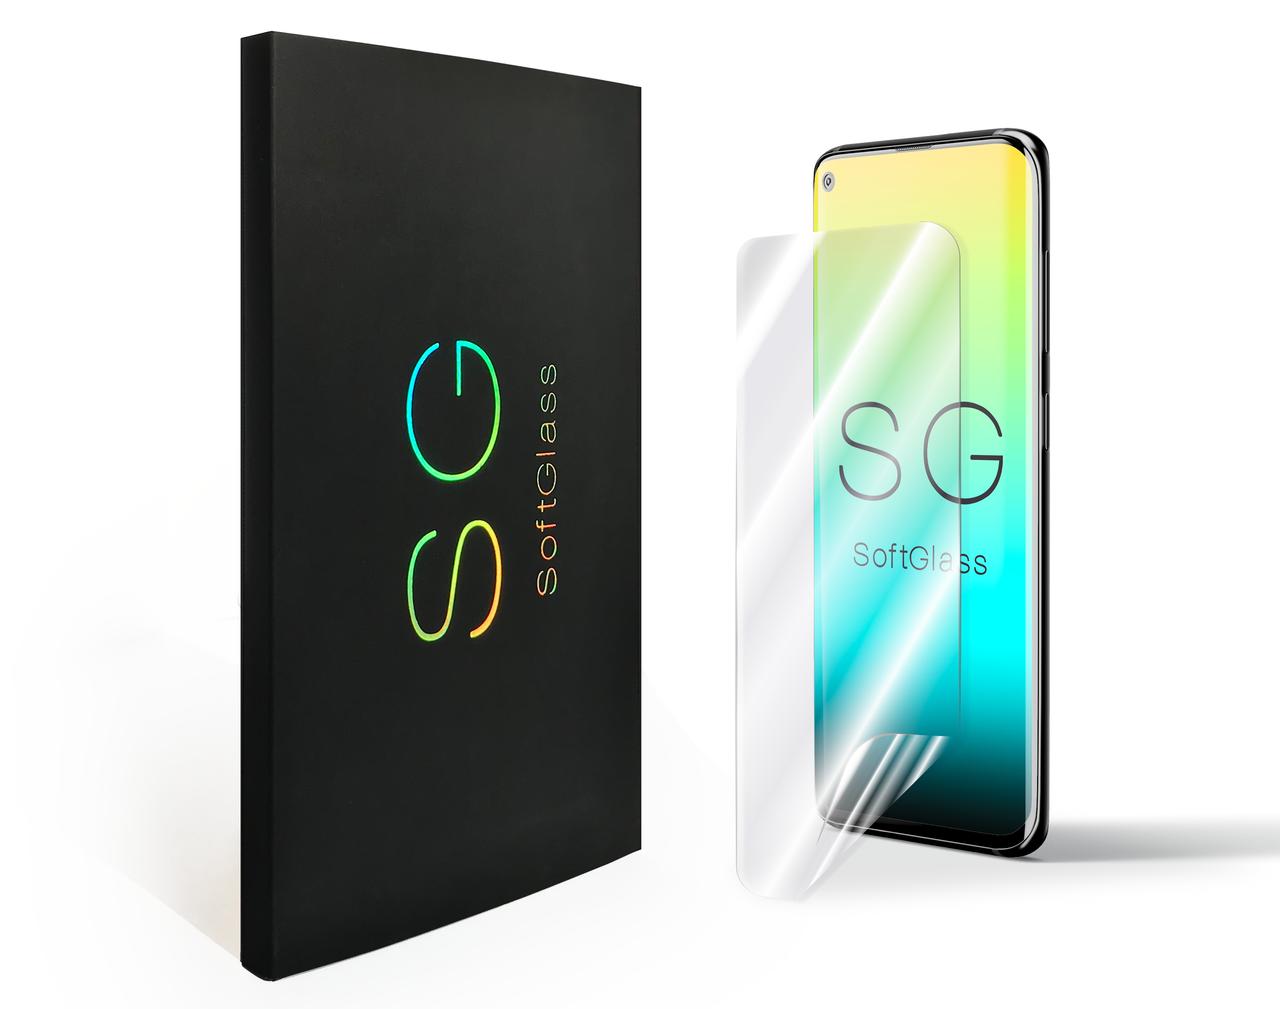 Мягкое стекло LG G e975 SoftGlass Экран